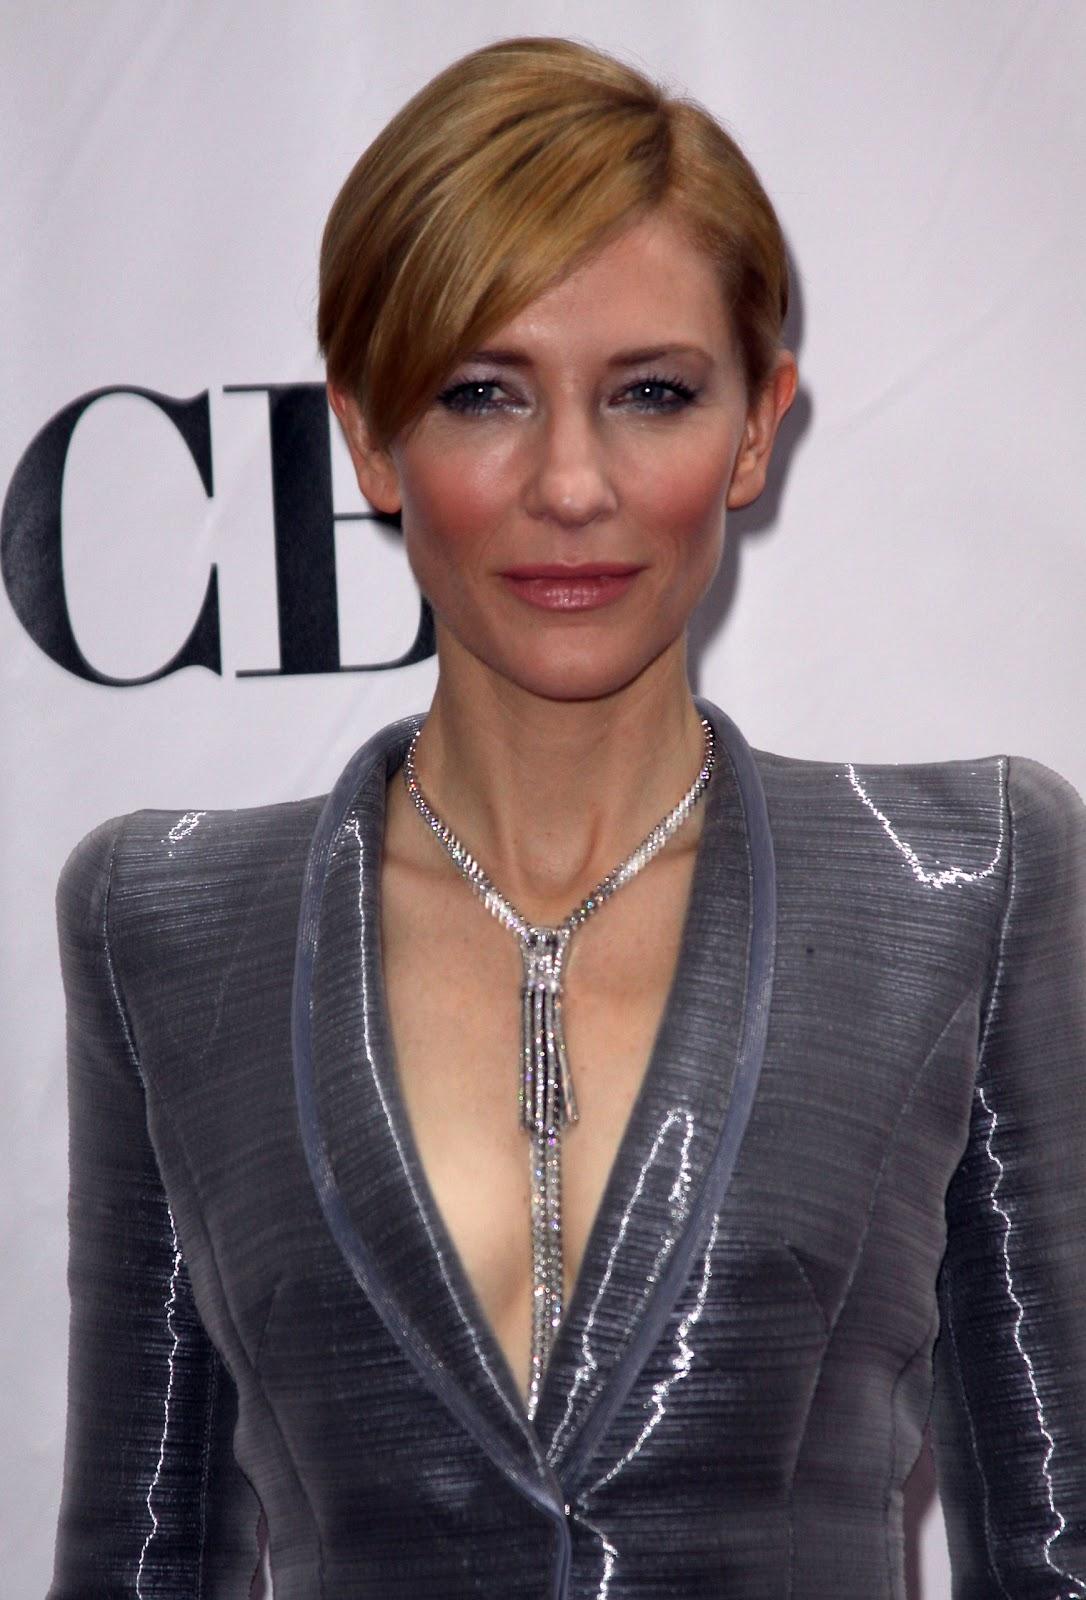 Cate Blanchett - IMDb